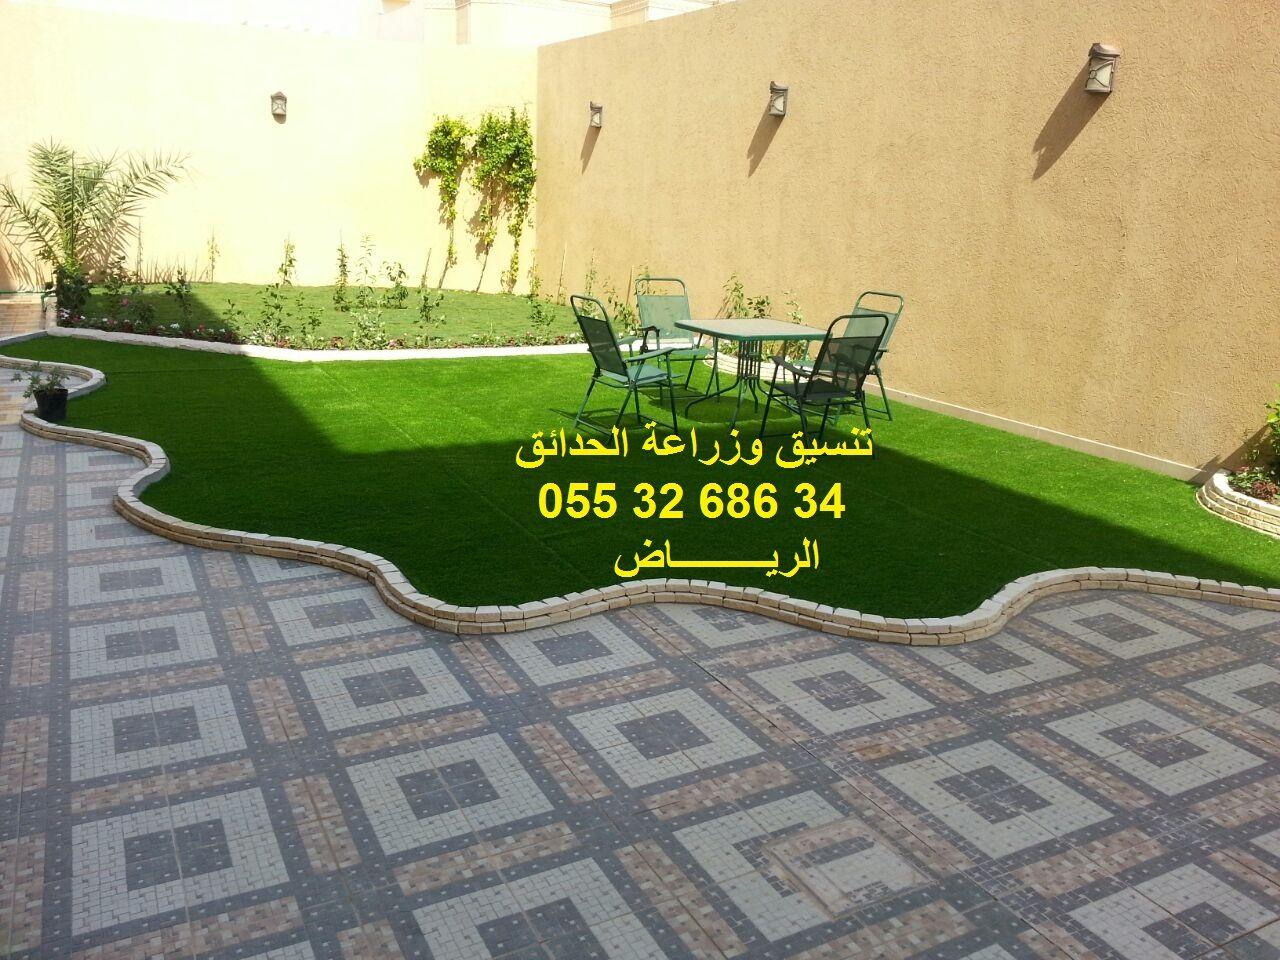 تصميم حدائق ومنتزهات تصميم حدائق ومنتزهات الرياض تصميم حدائق ونافورات تصميم حديقة تصميم حديقة سطح تصميم حديقة سطح ال House Frame Bed House Design Outdoor Decor